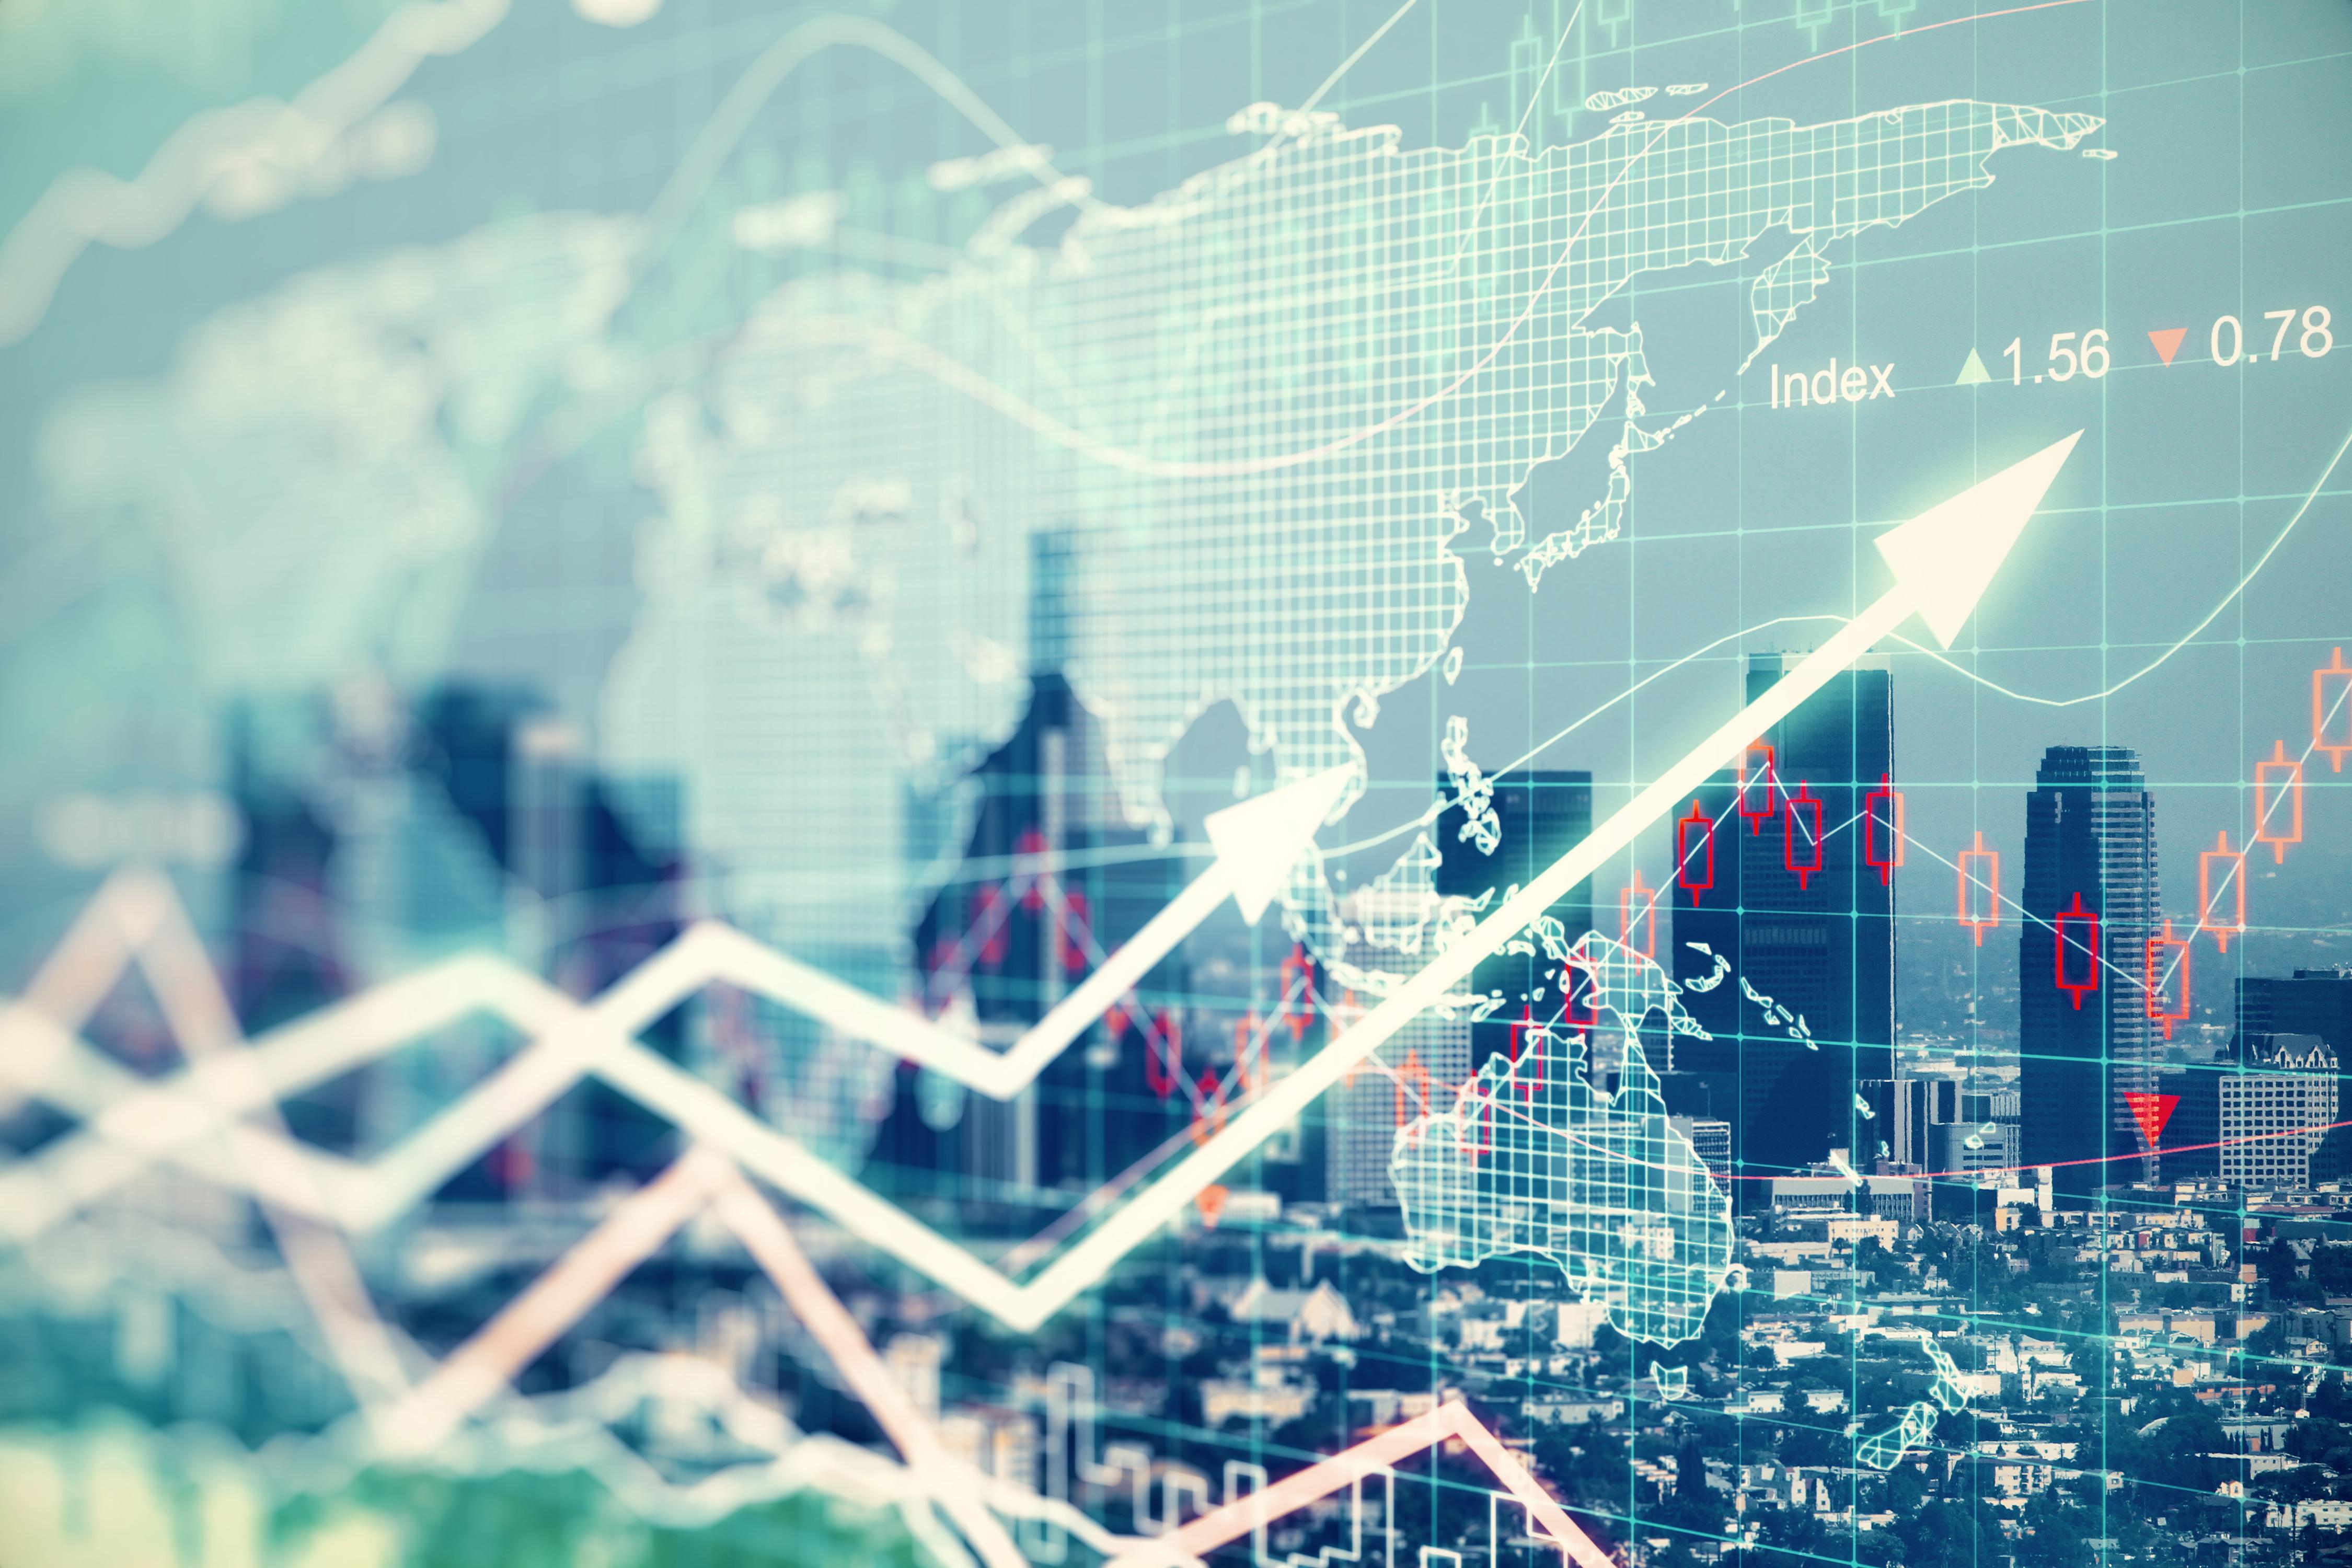 帝国データバンクが最新の景気動向調査結果を公開